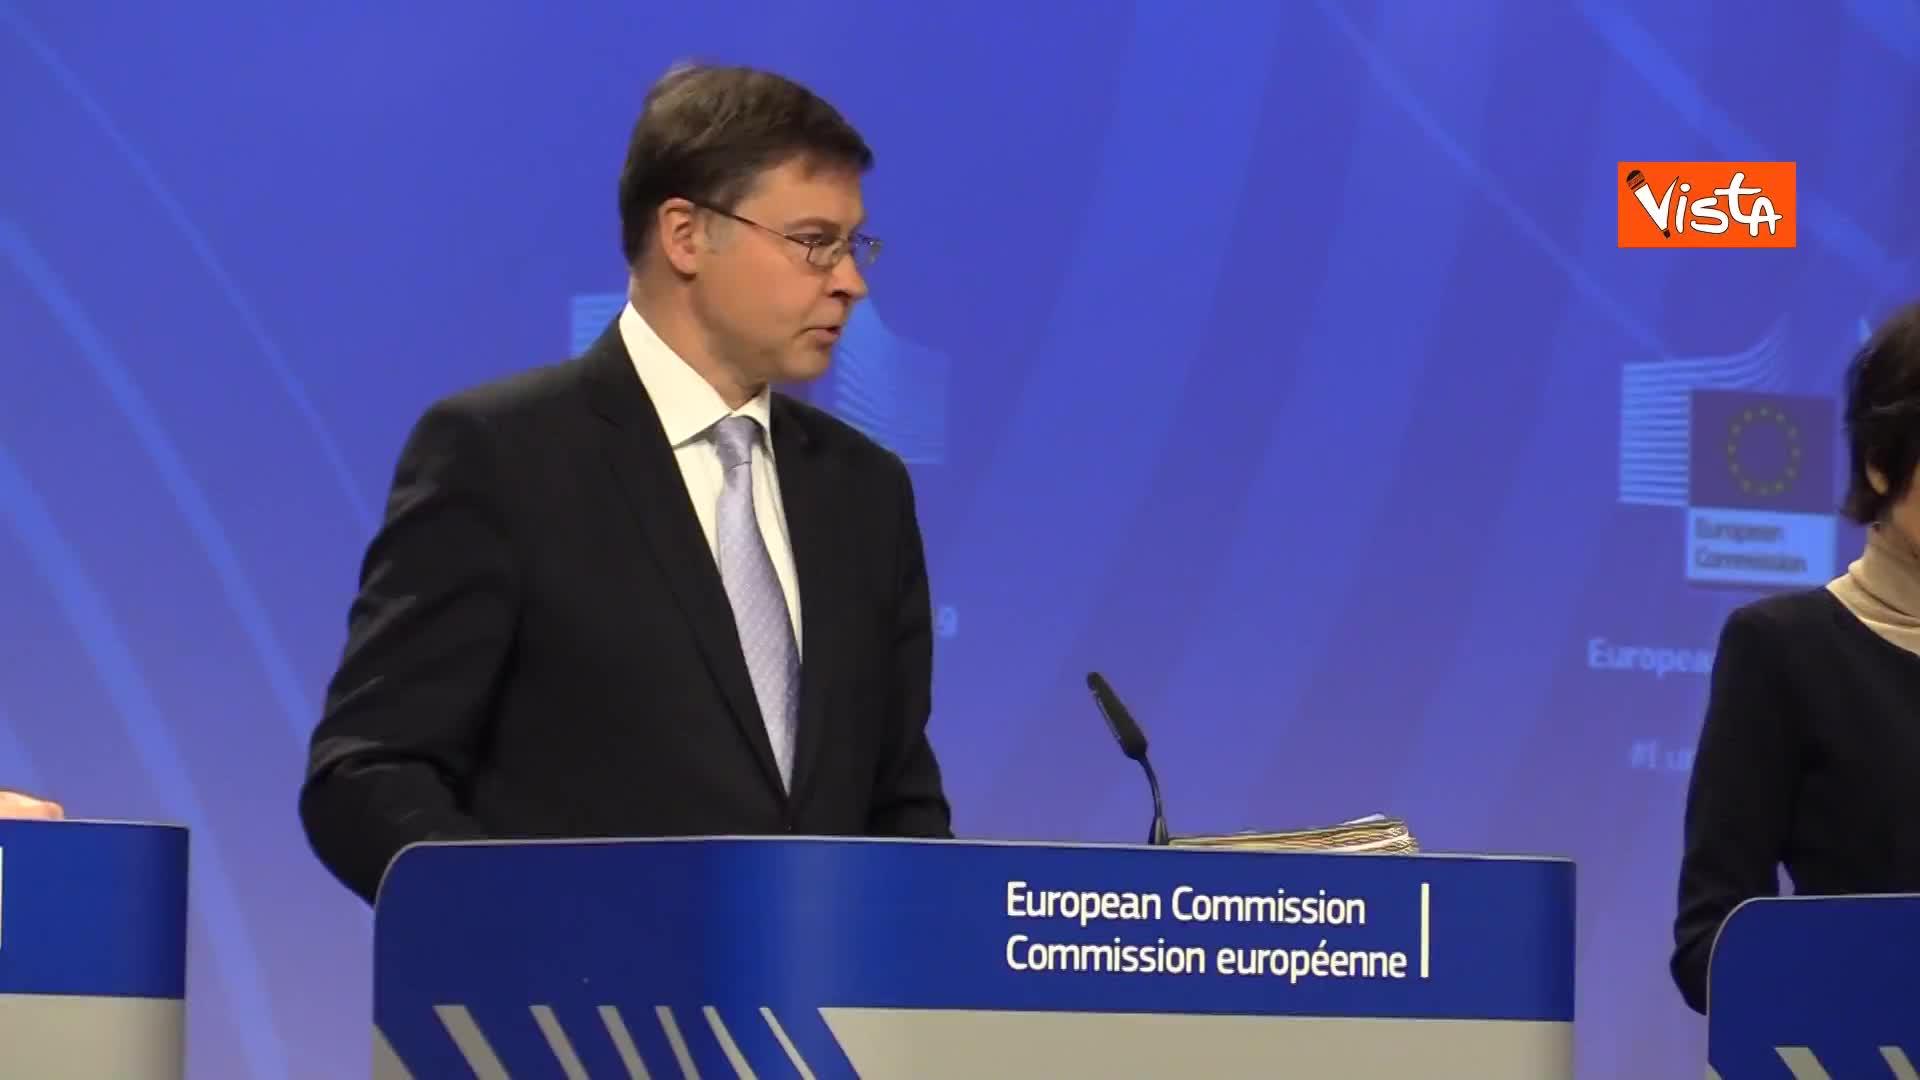 """Manovra Italia, Dombrovskis: """"Con rammarico confermiamo valutazione, cifre eloquenti"""""""